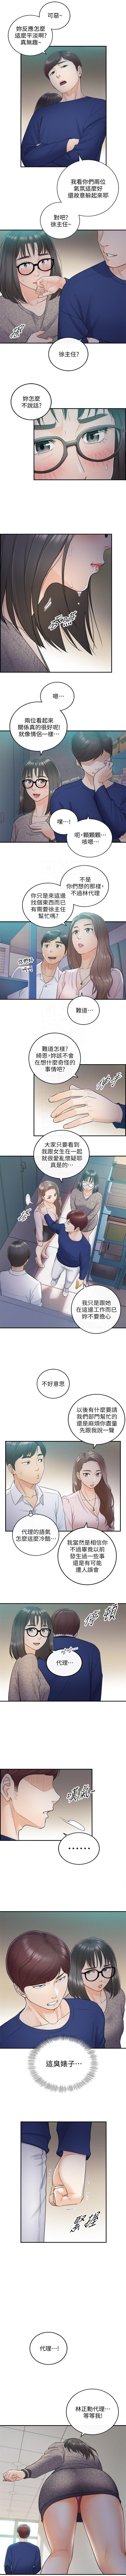 (周5)正妹小主管 1-26 中文翻译(更新中) 73